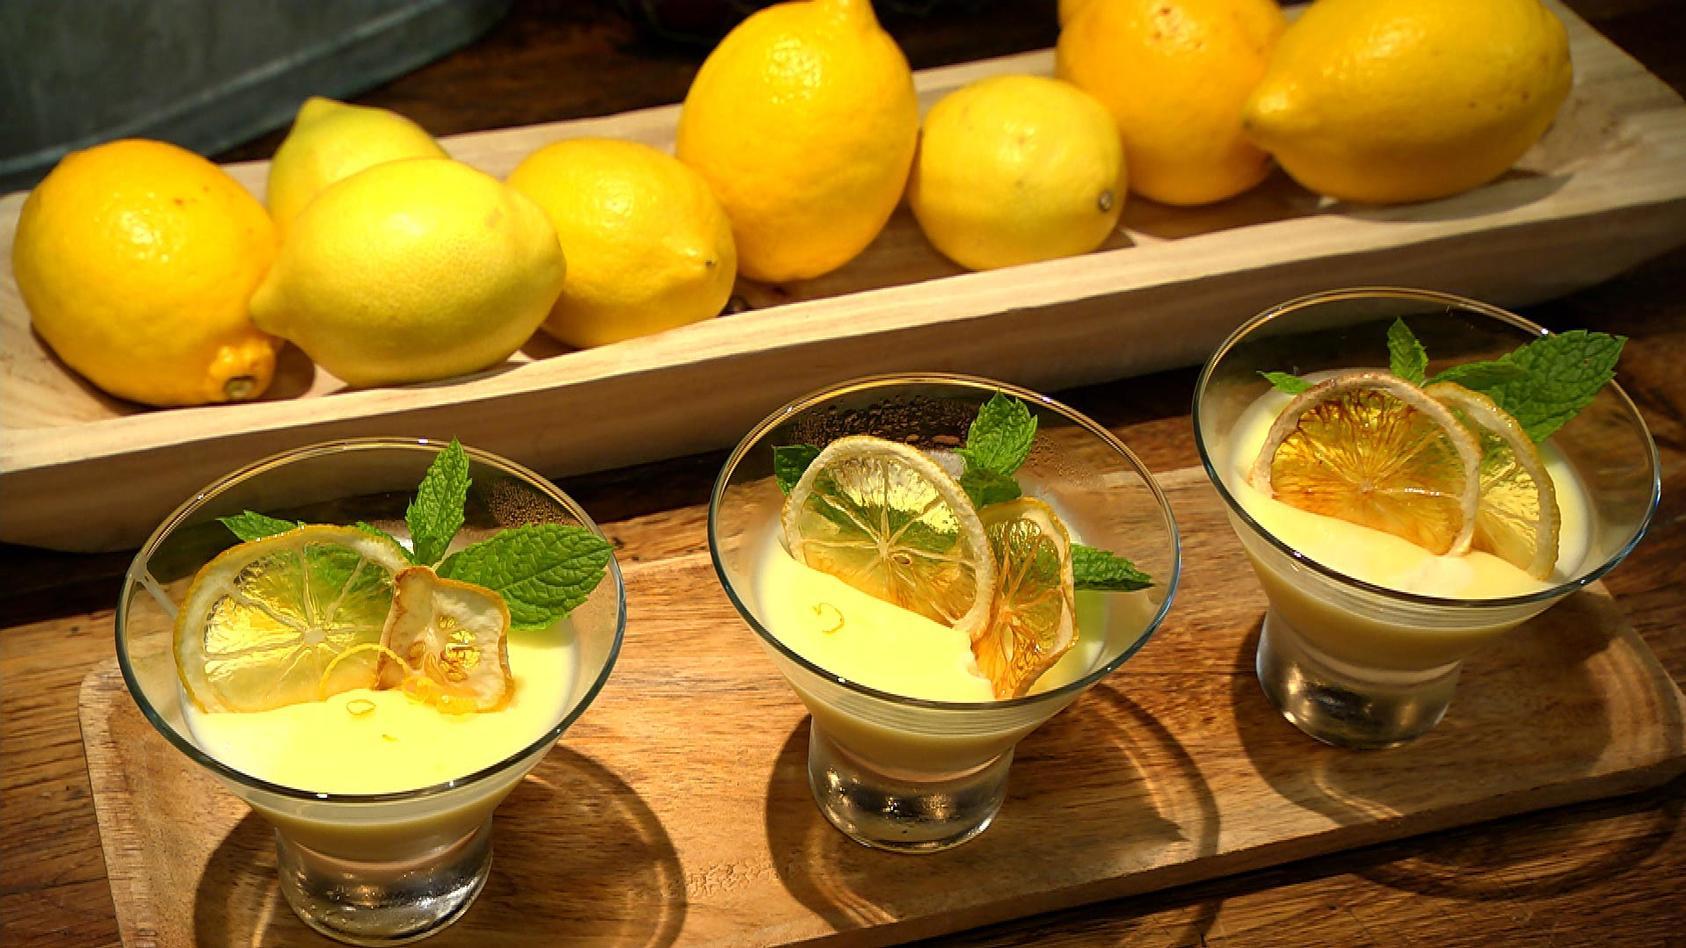 Rezeptideen, die immer geh'n: Zitronencreme mit Zitronenkrokant